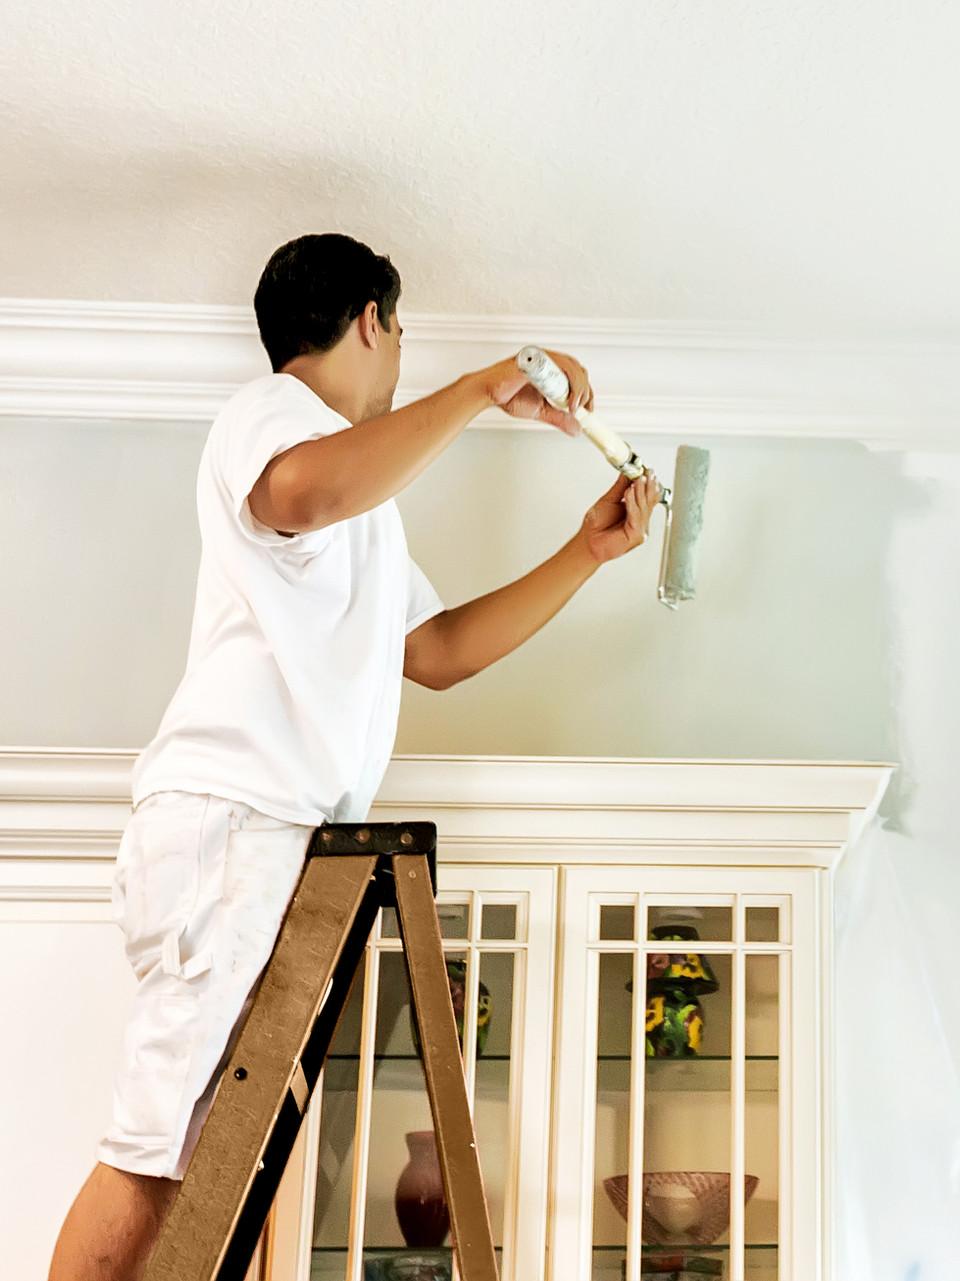 صياغة عقد مقاولات دهانات داخلية بسيط أسقف و جدران مصنعيات